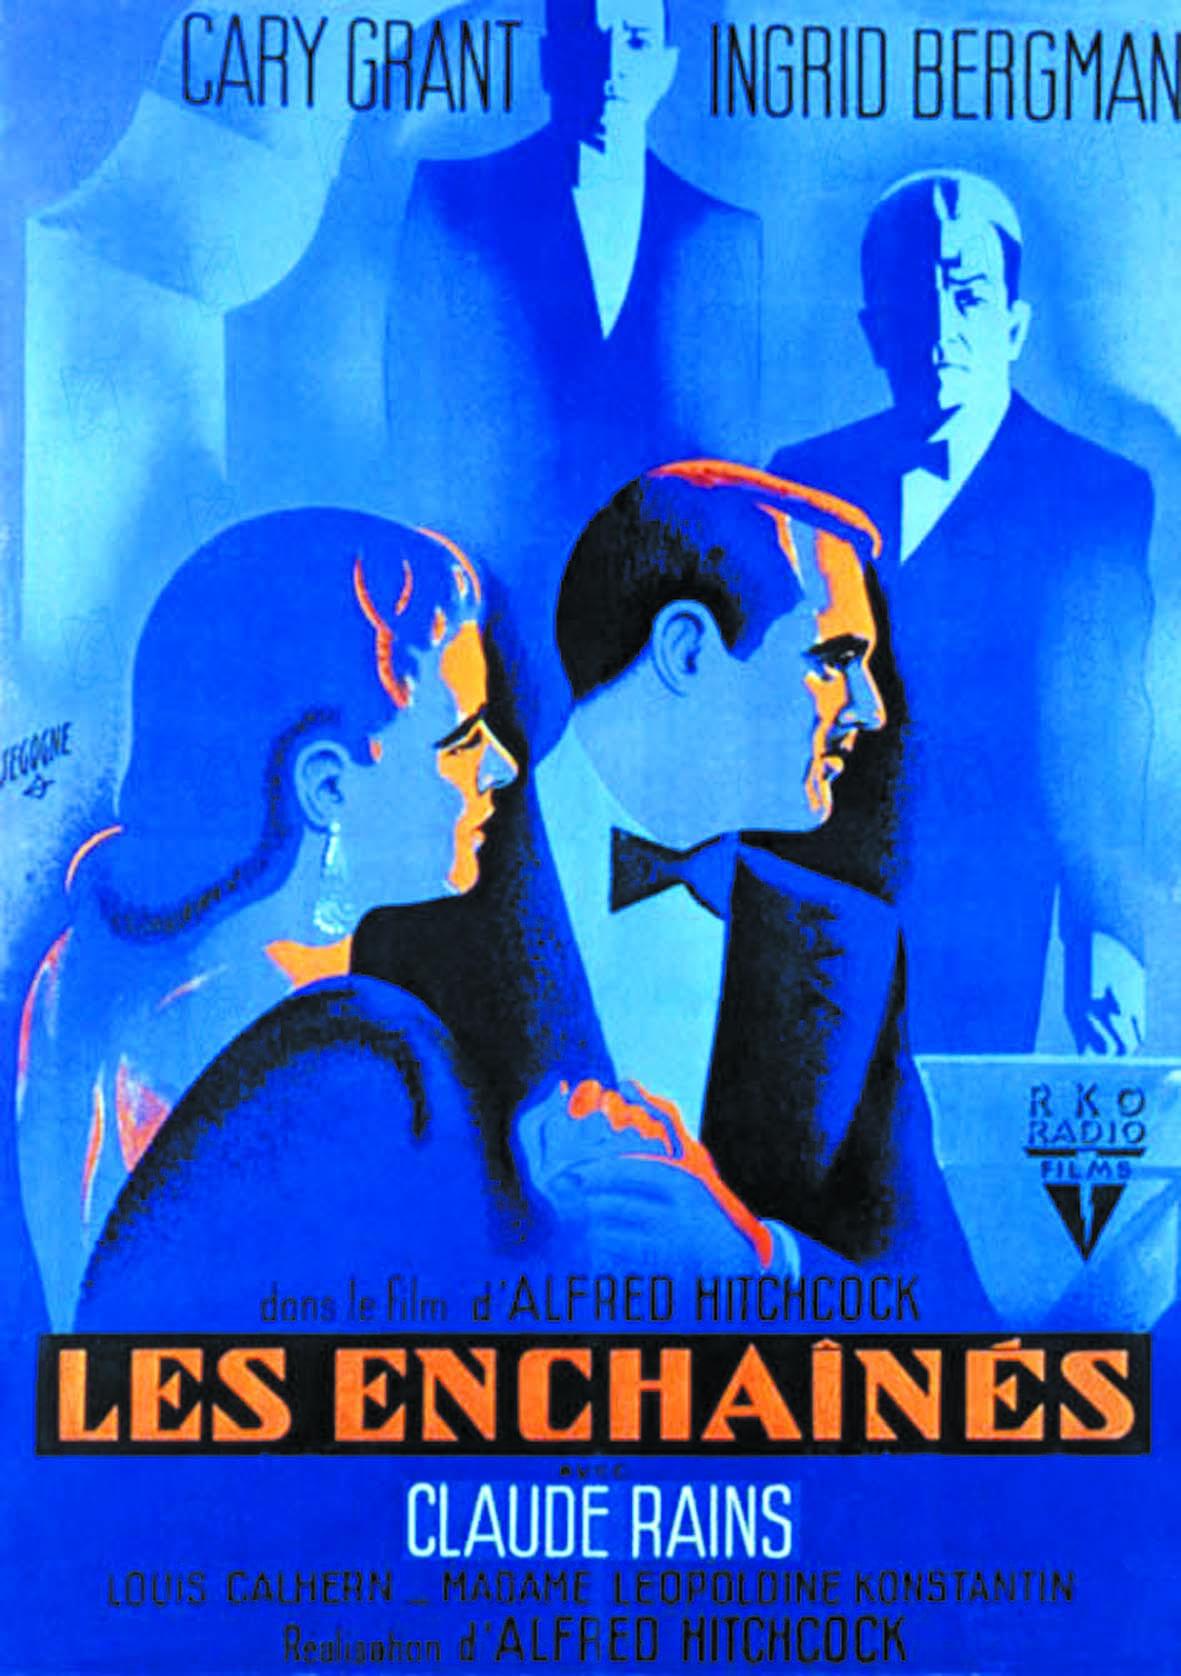 Les meilleurs films de tous les temps : 41 - Les Enchaînés Alfred Hitchcock (1948)